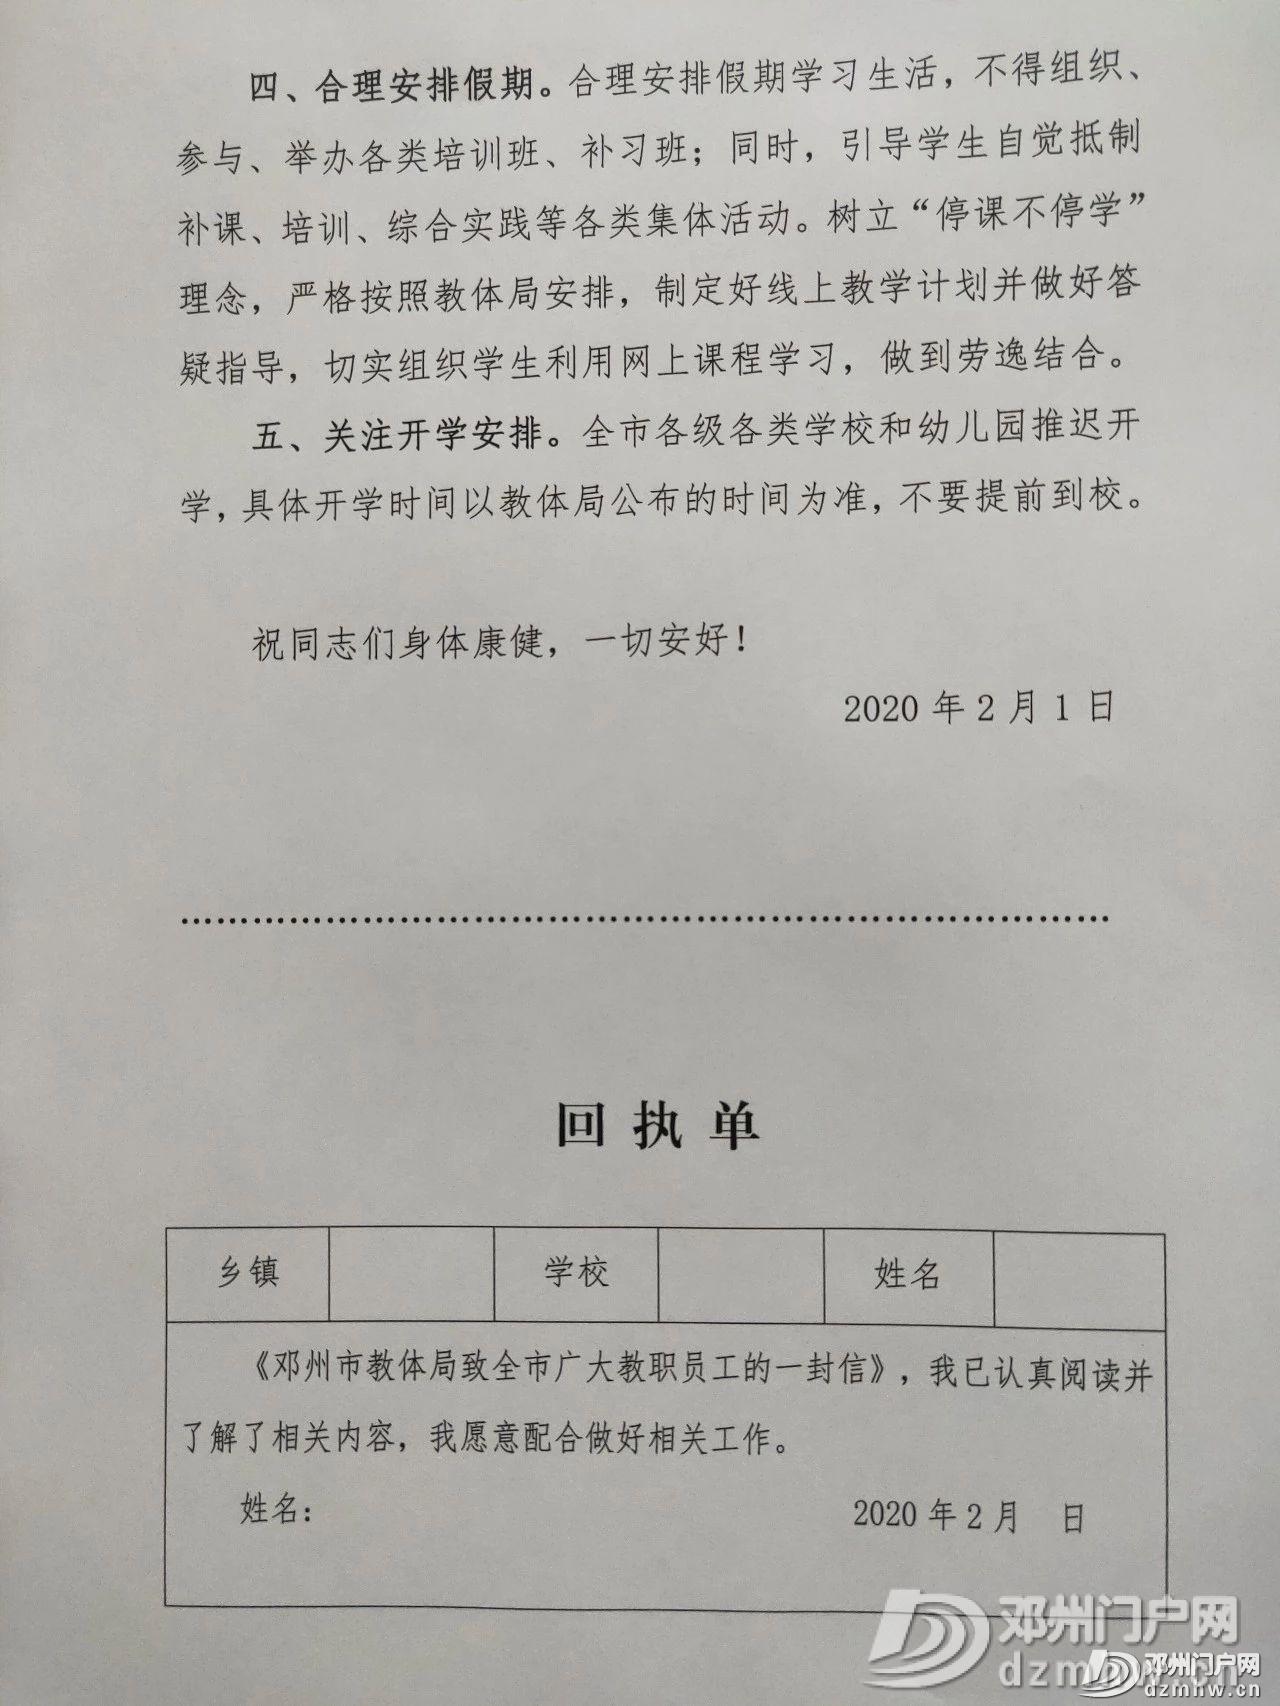 重要提示!邓州市教体局致全市广大教职员工的一封信 - 邓州门户网 邓州网 - 607507729438f888a7b4e0bfbf73e2d6.jpg